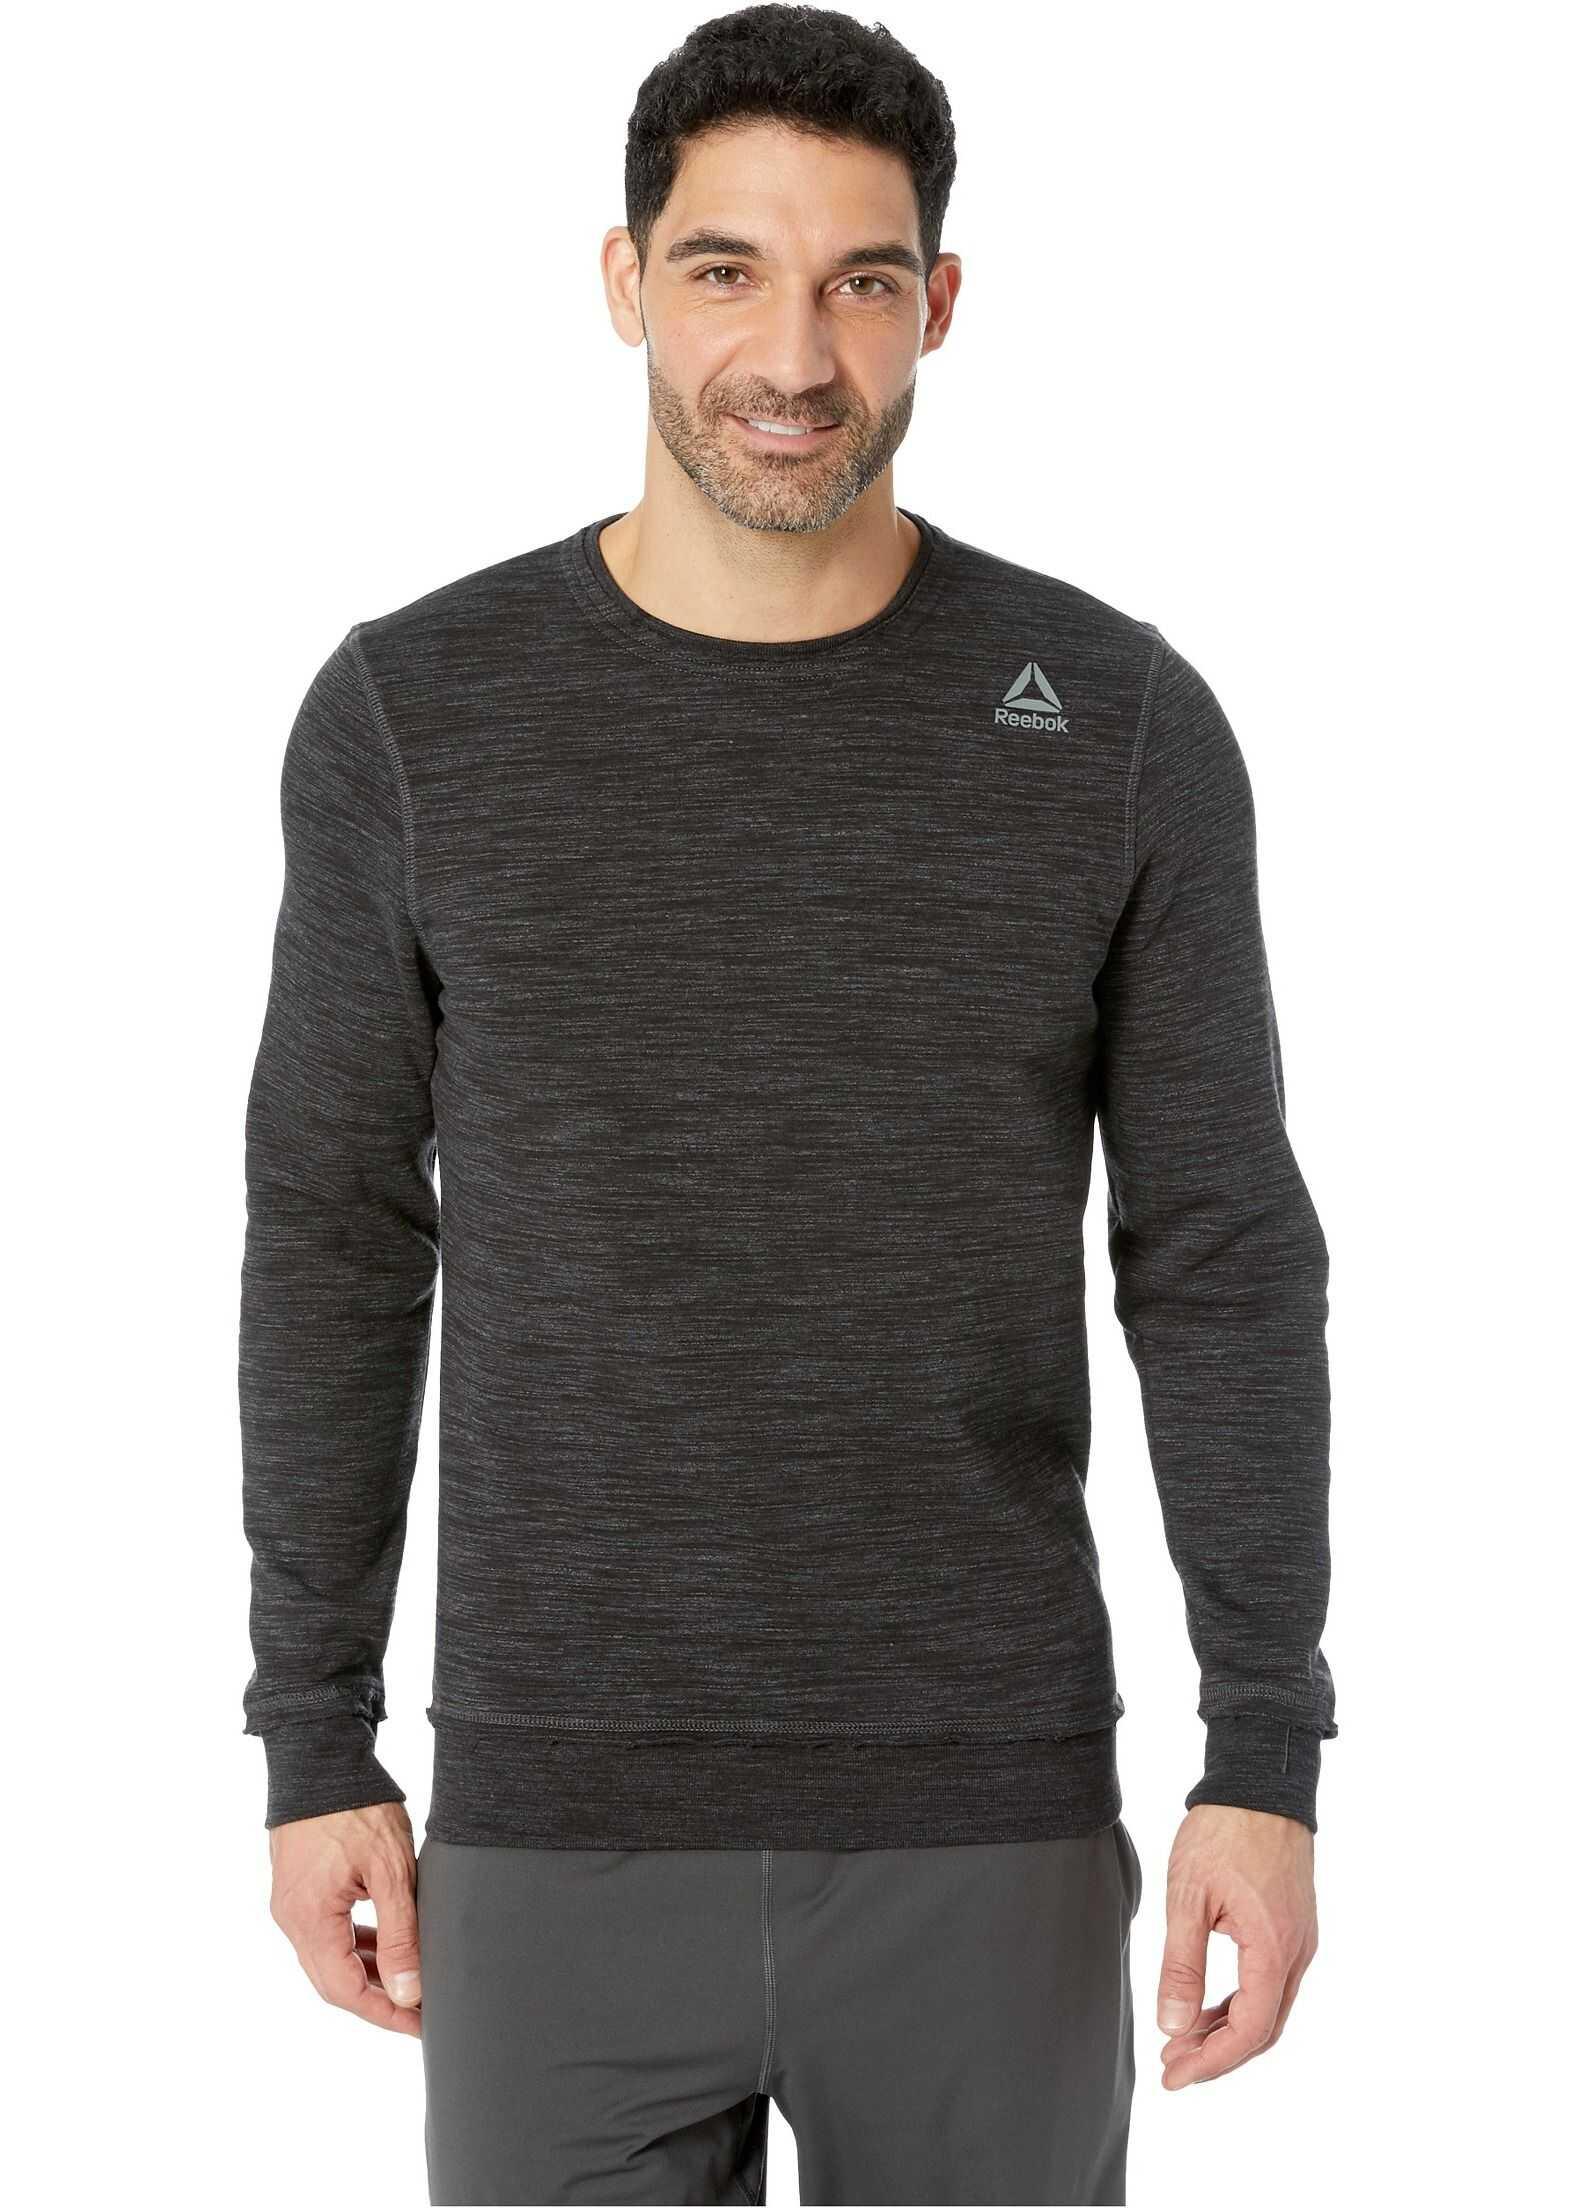 Reebok Elements Marble Melange Crew Sweatshirt Black